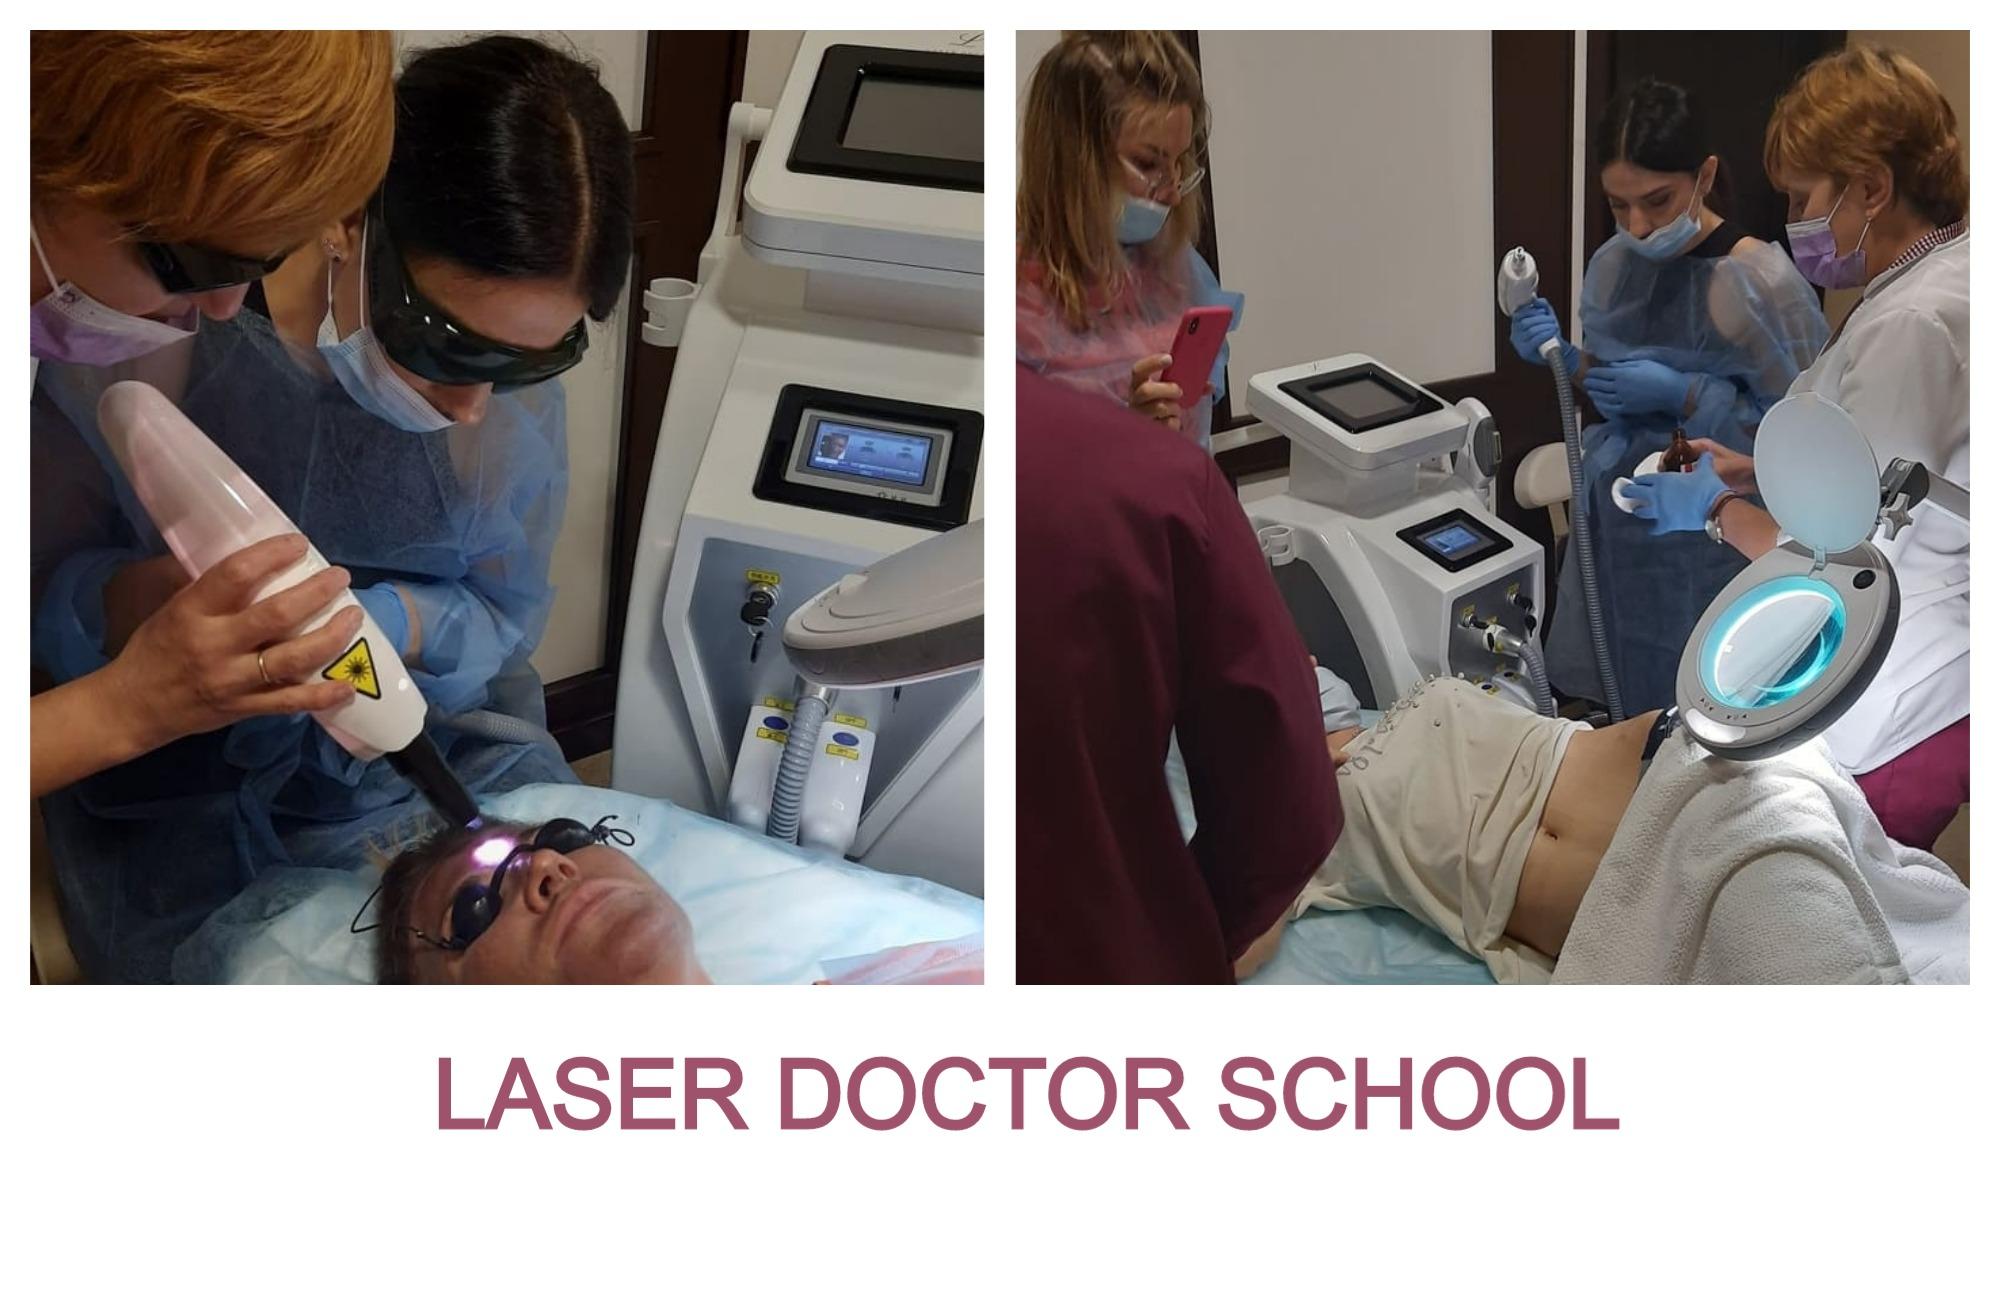 laser-doctor-school